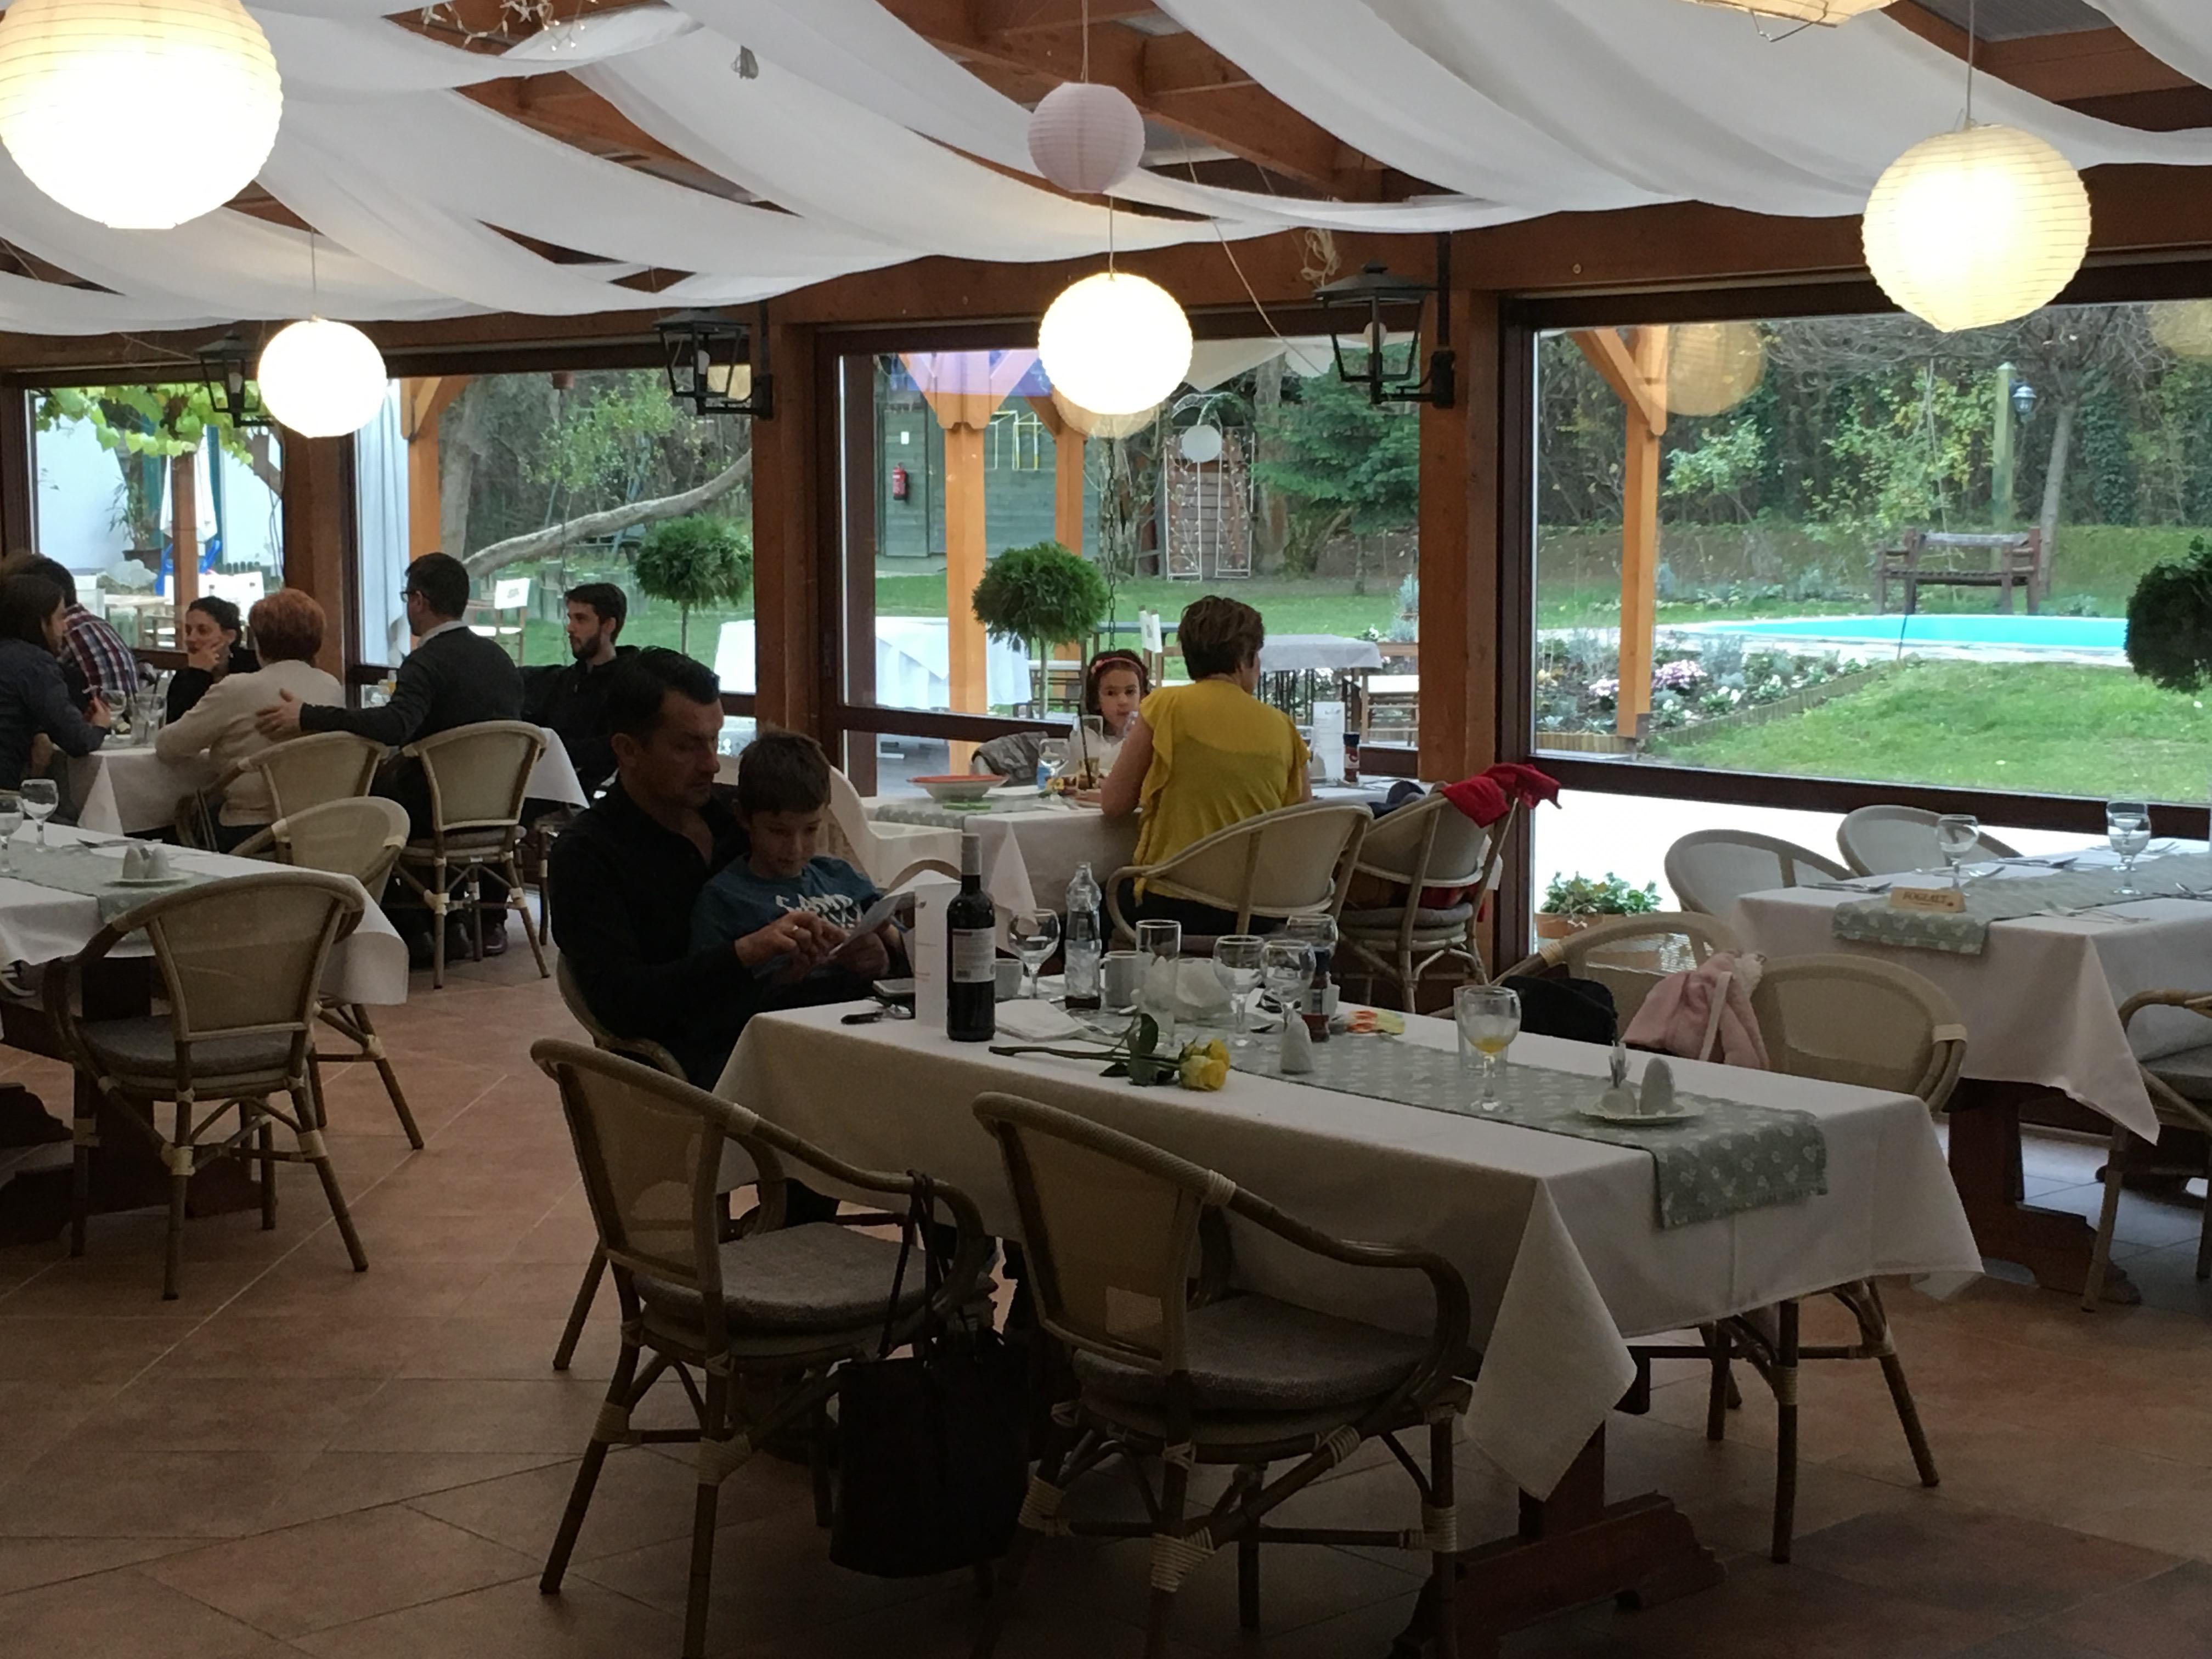 Rosinante étterem - Szentendrei-sziget